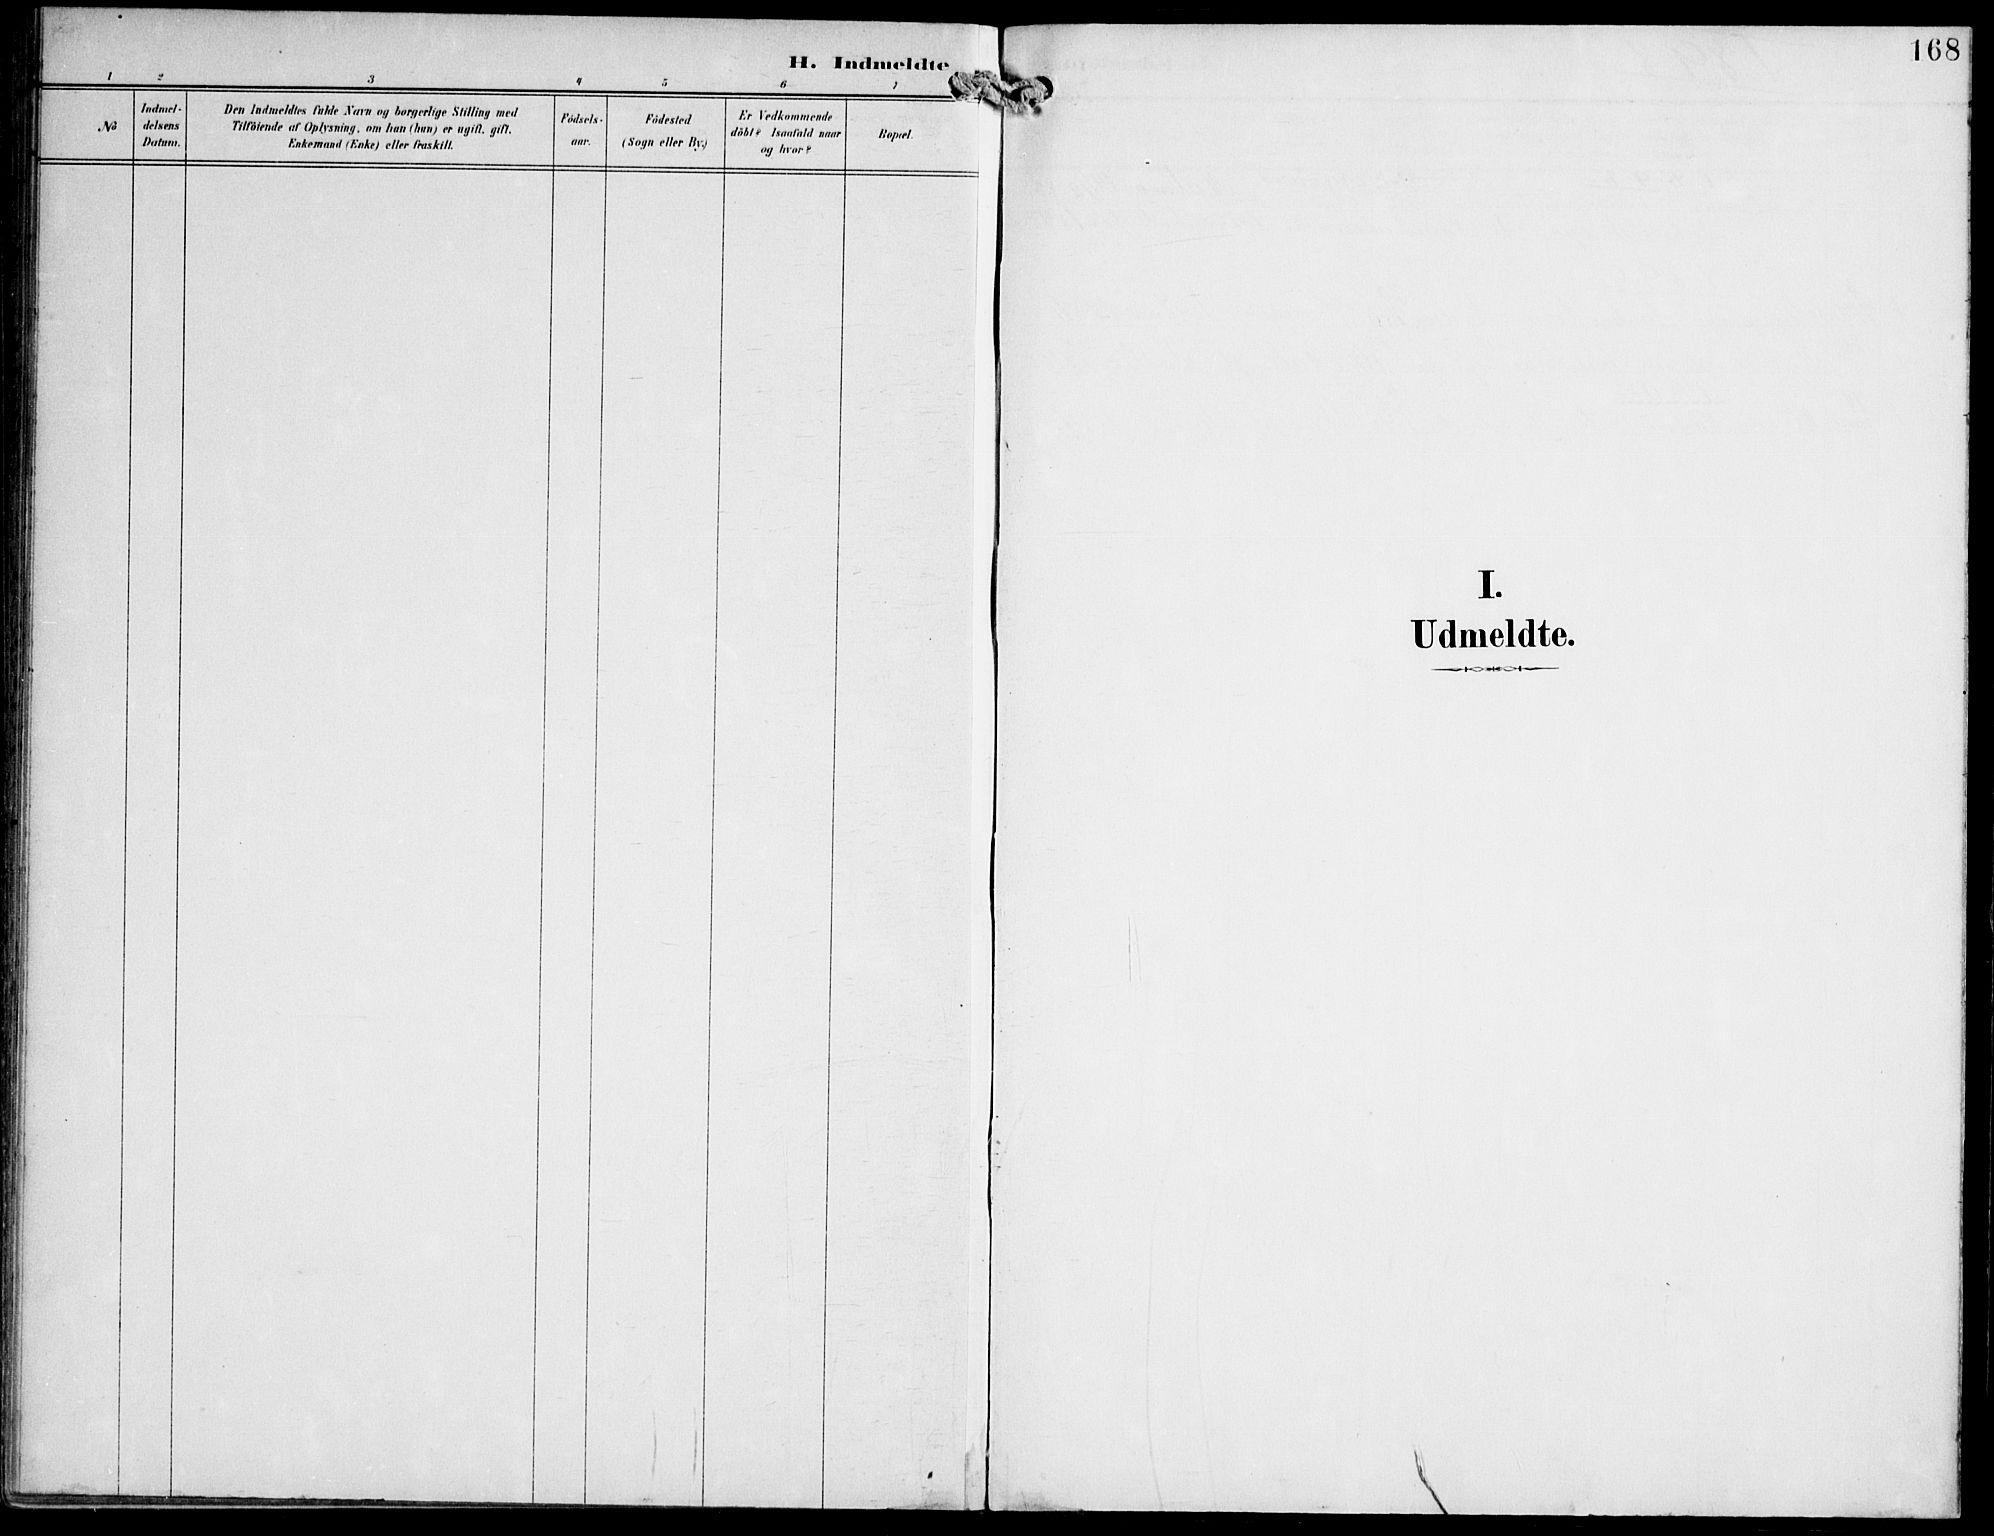 SAT, Ministerialprotokoller, klokkerbøker og fødselsregistre - Nord-Trøndelag, 745/L0430: Ministerialbok nr. 745A02, 1895-1913, s. 168